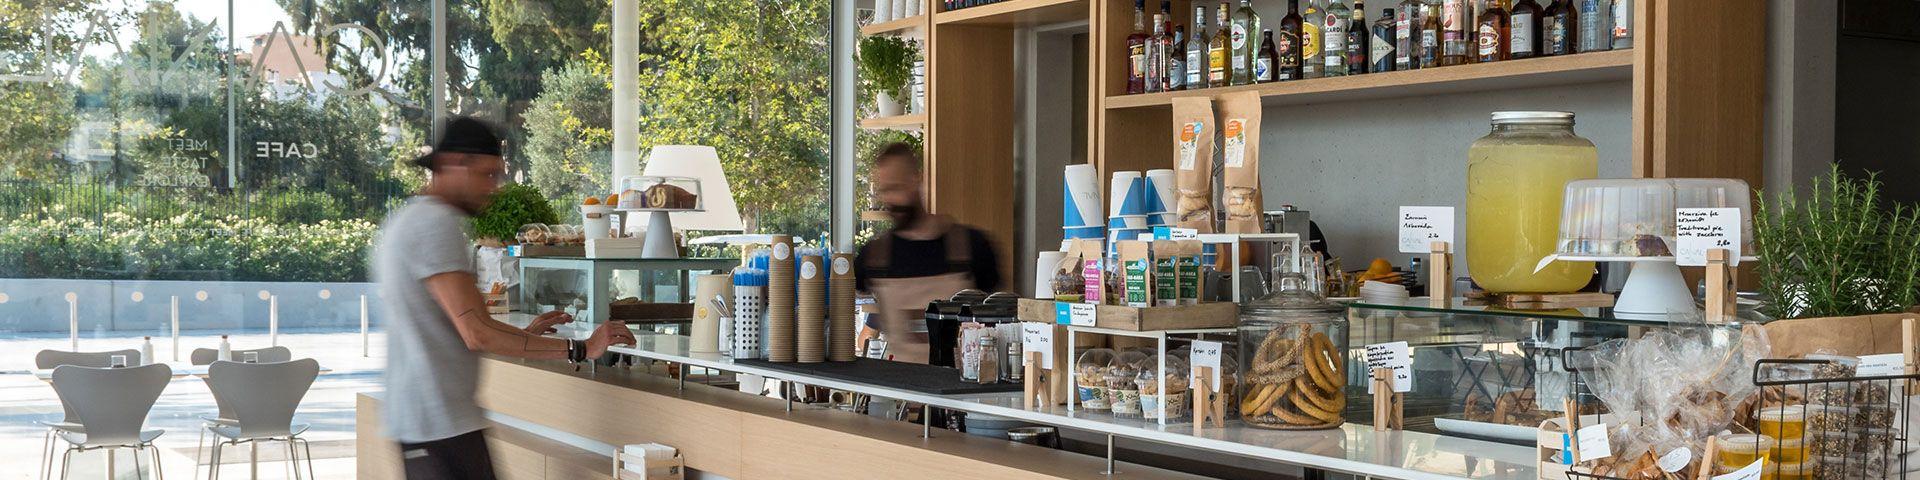 Φωτογραφία από το σημείο εστίασης Canal Cafe